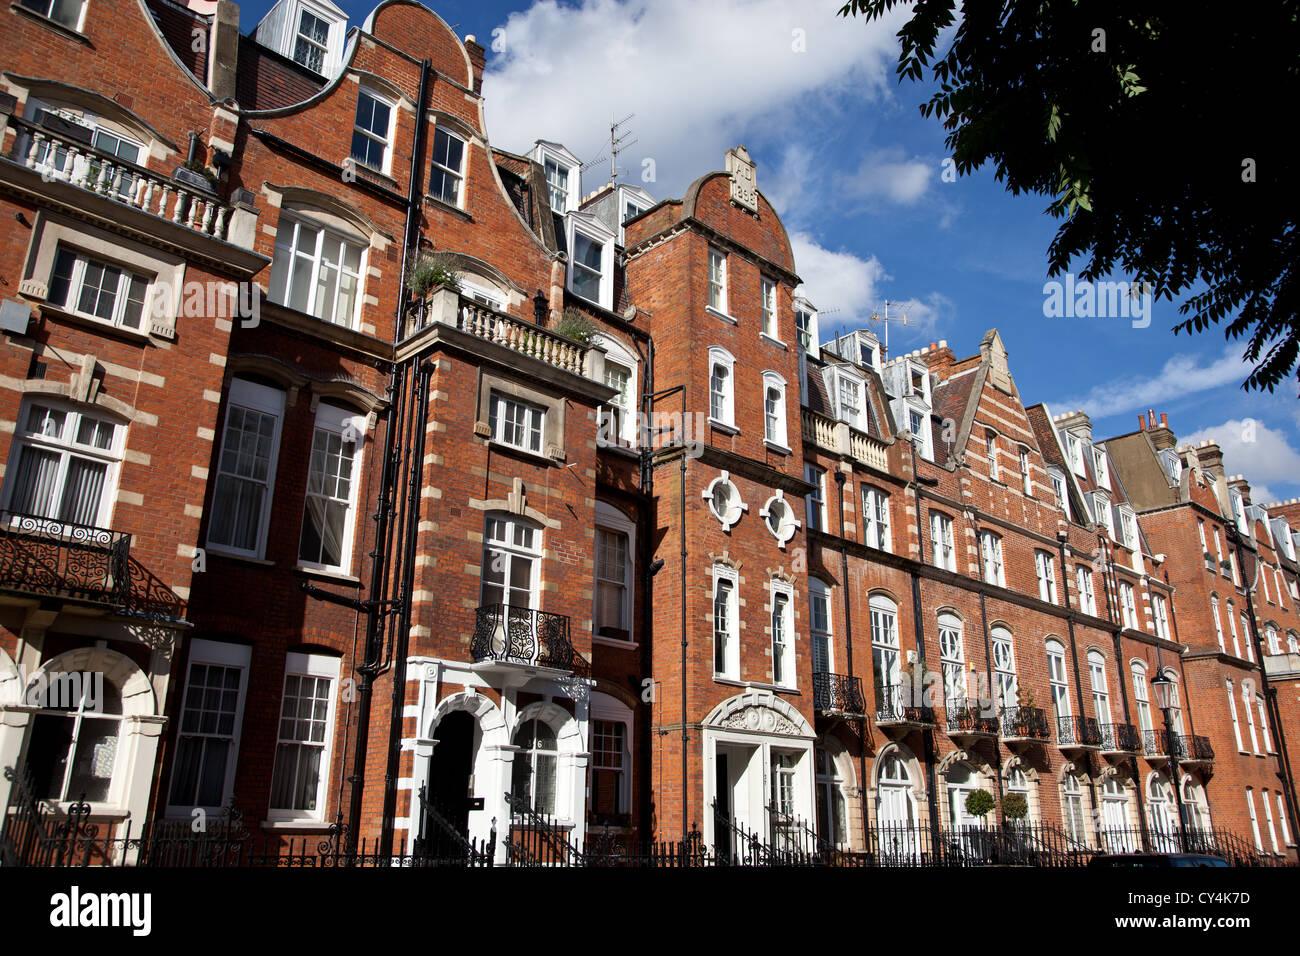 Red brick buildings in Kensington - London - Stock Image